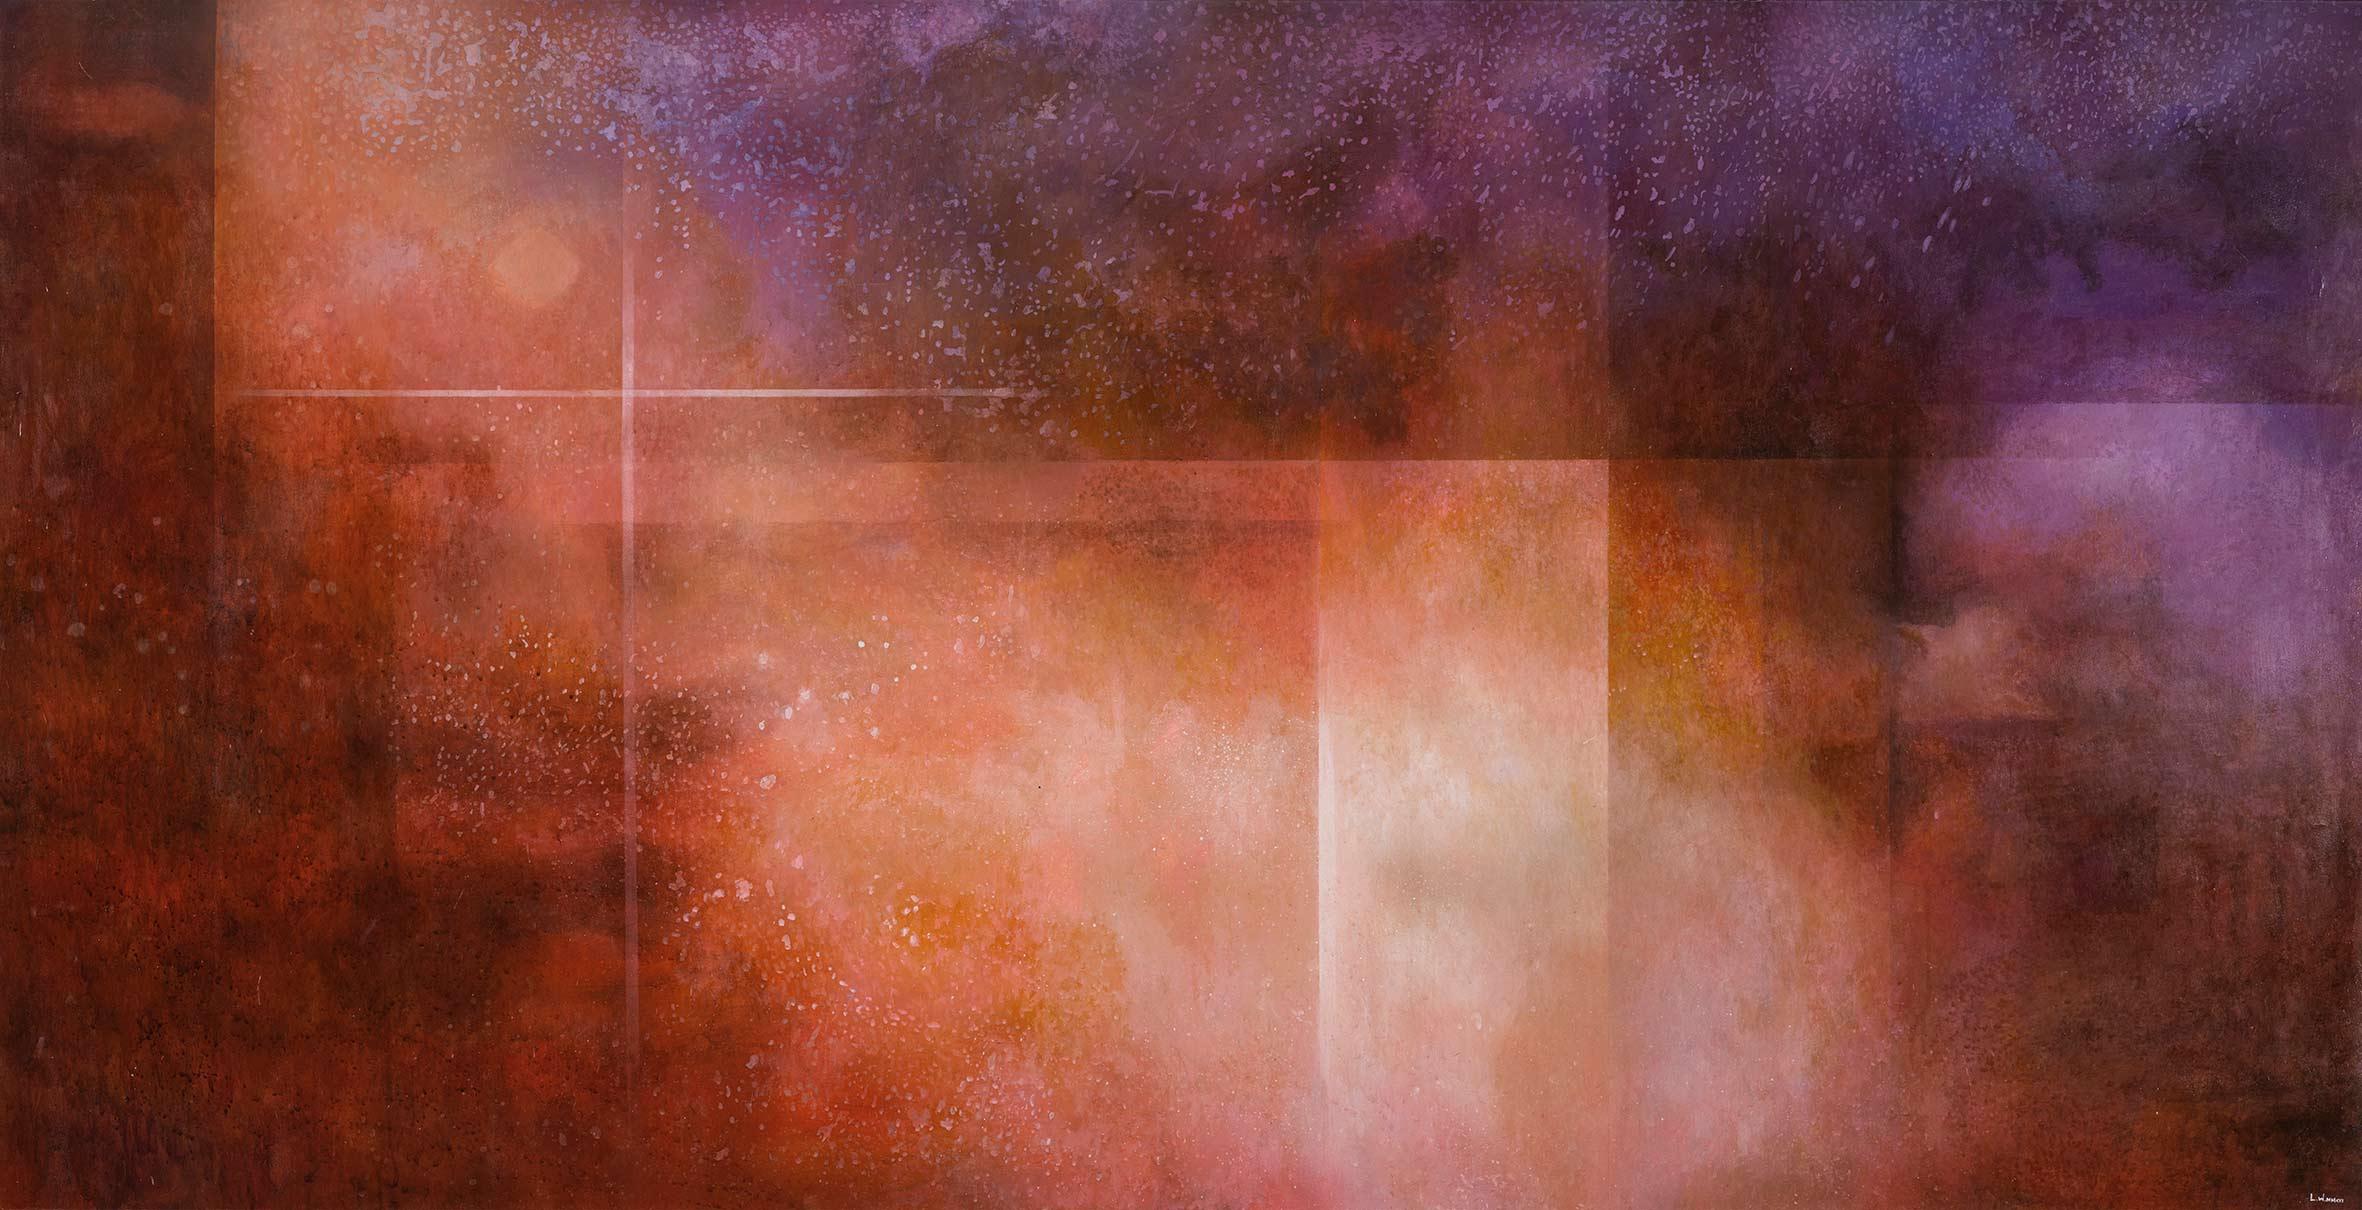 王建文  觀星者系列IV—炙 2017 油彩畫布  102x198.5cm